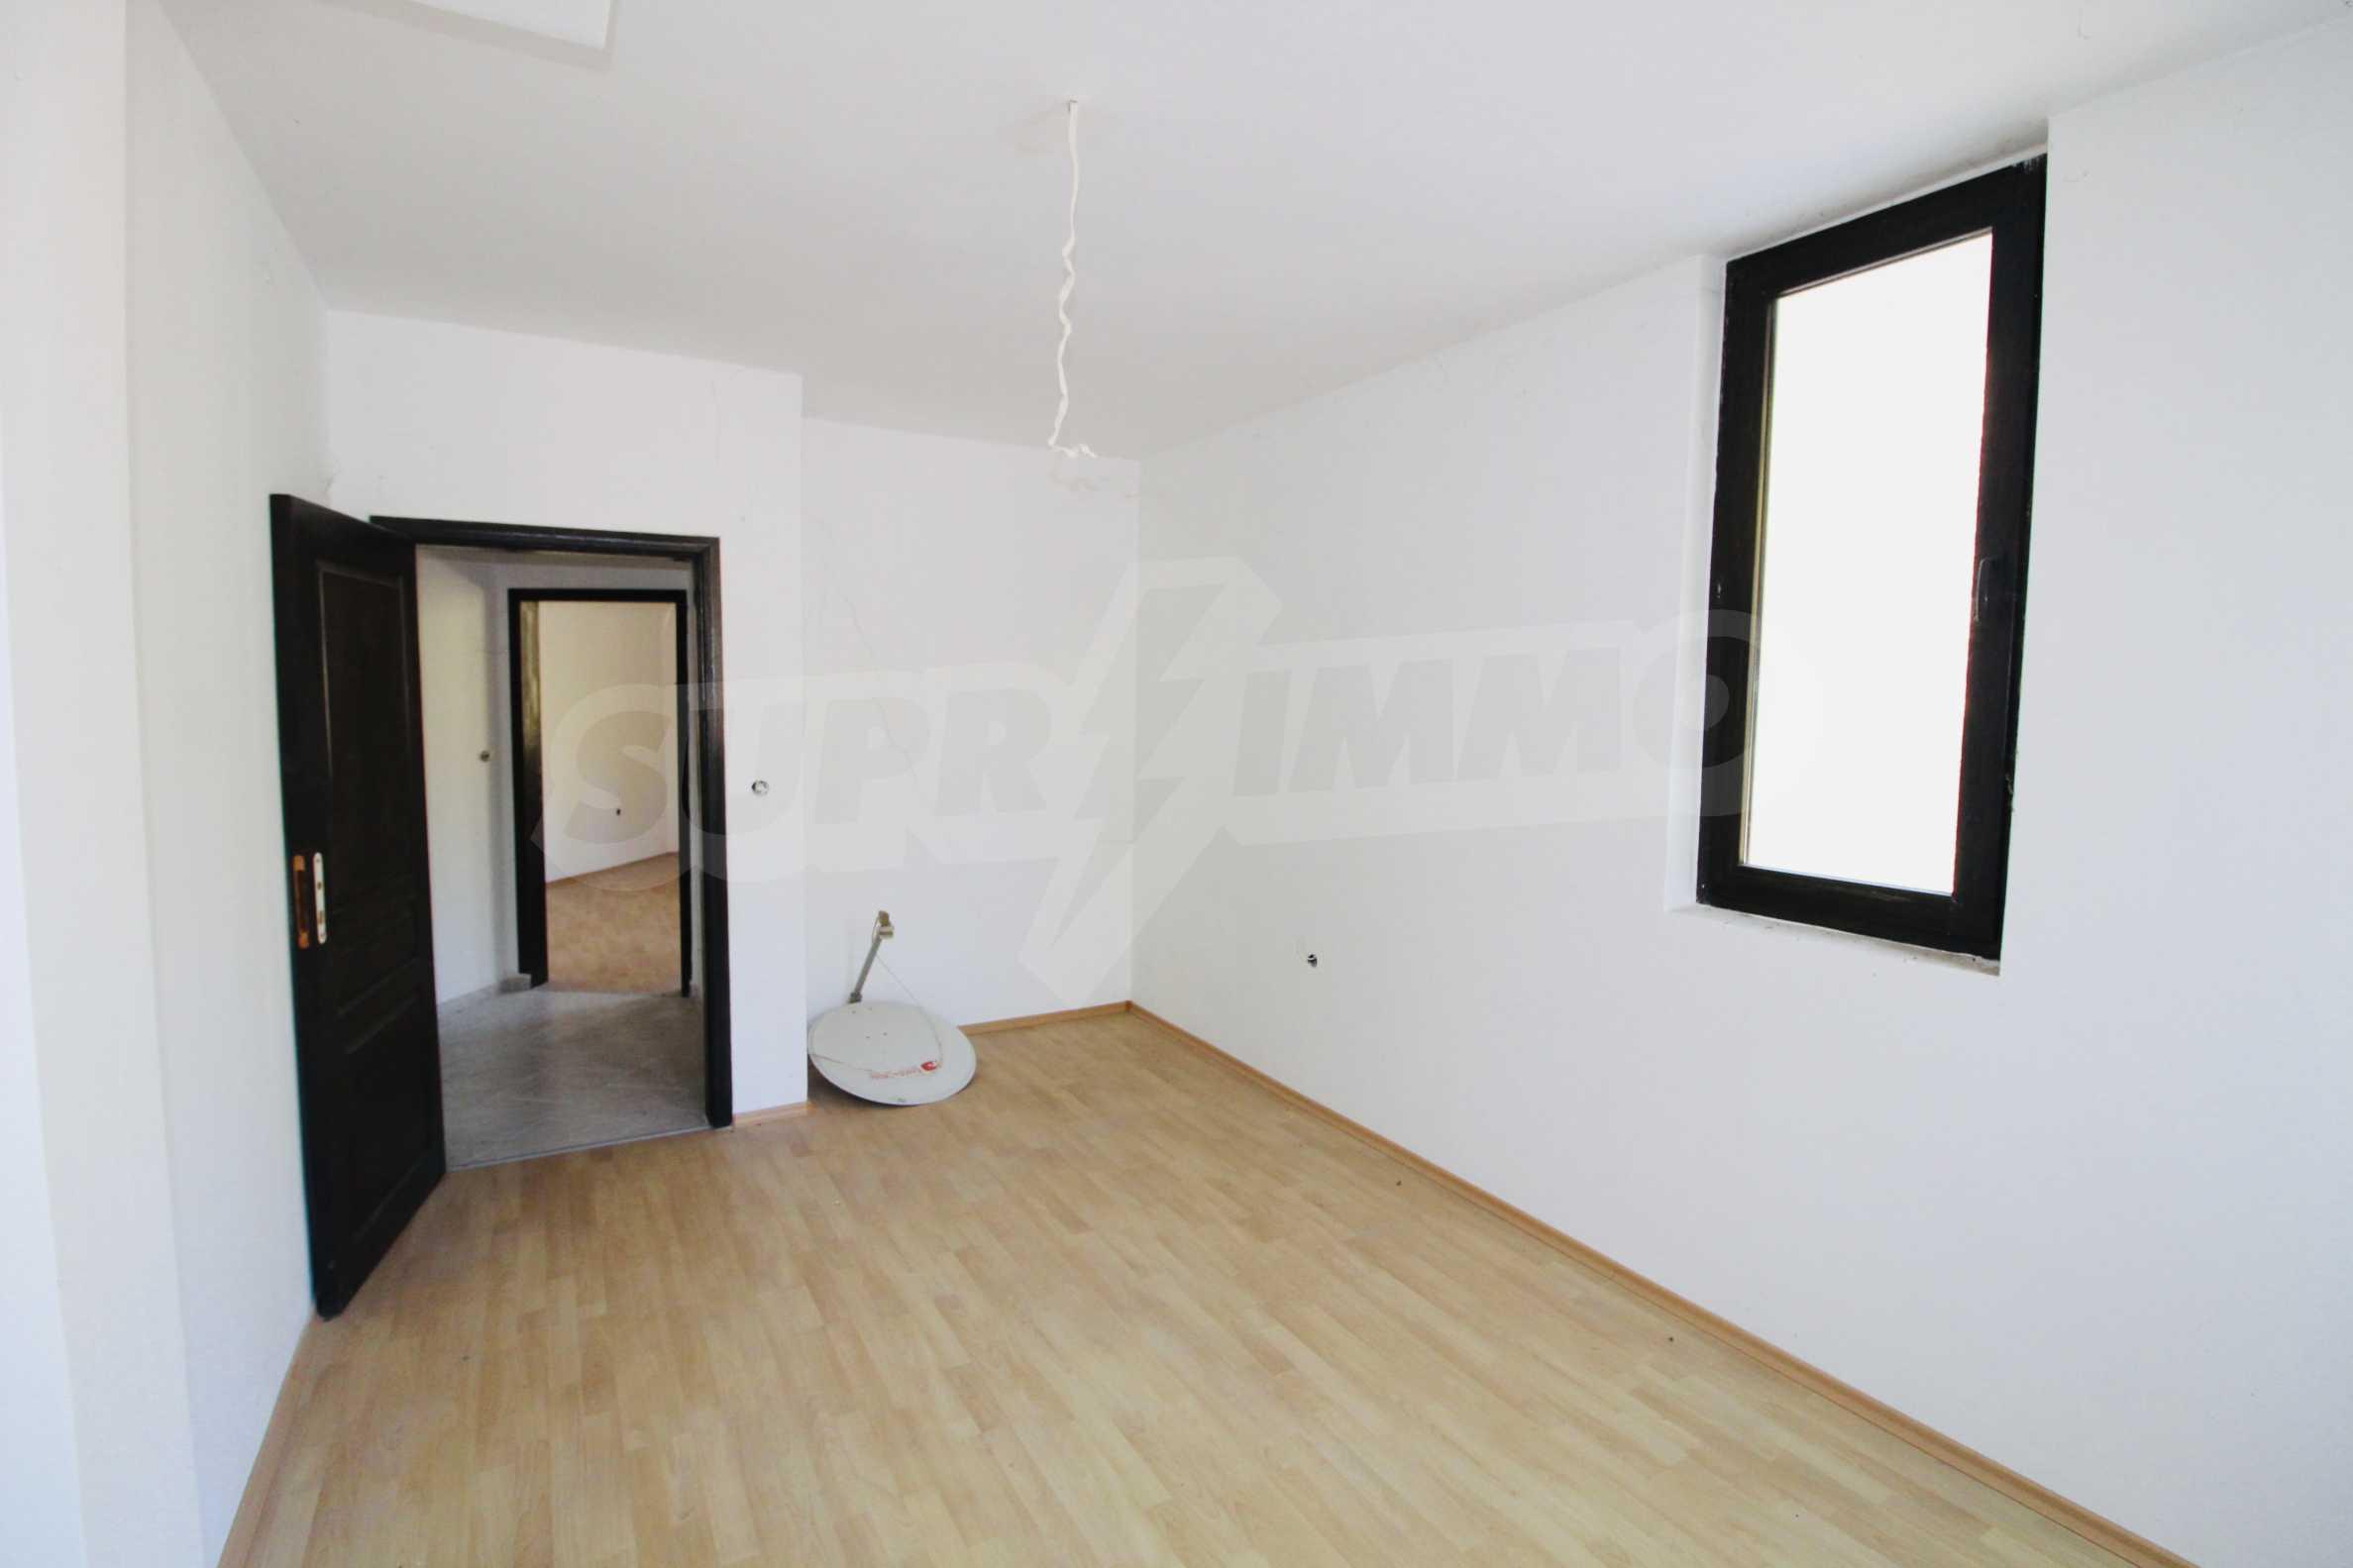 Zwei-Zimmer-Wohnung mit Parkplatz und Keller in der berühmten architektonischen Reserve Arbanassi 6